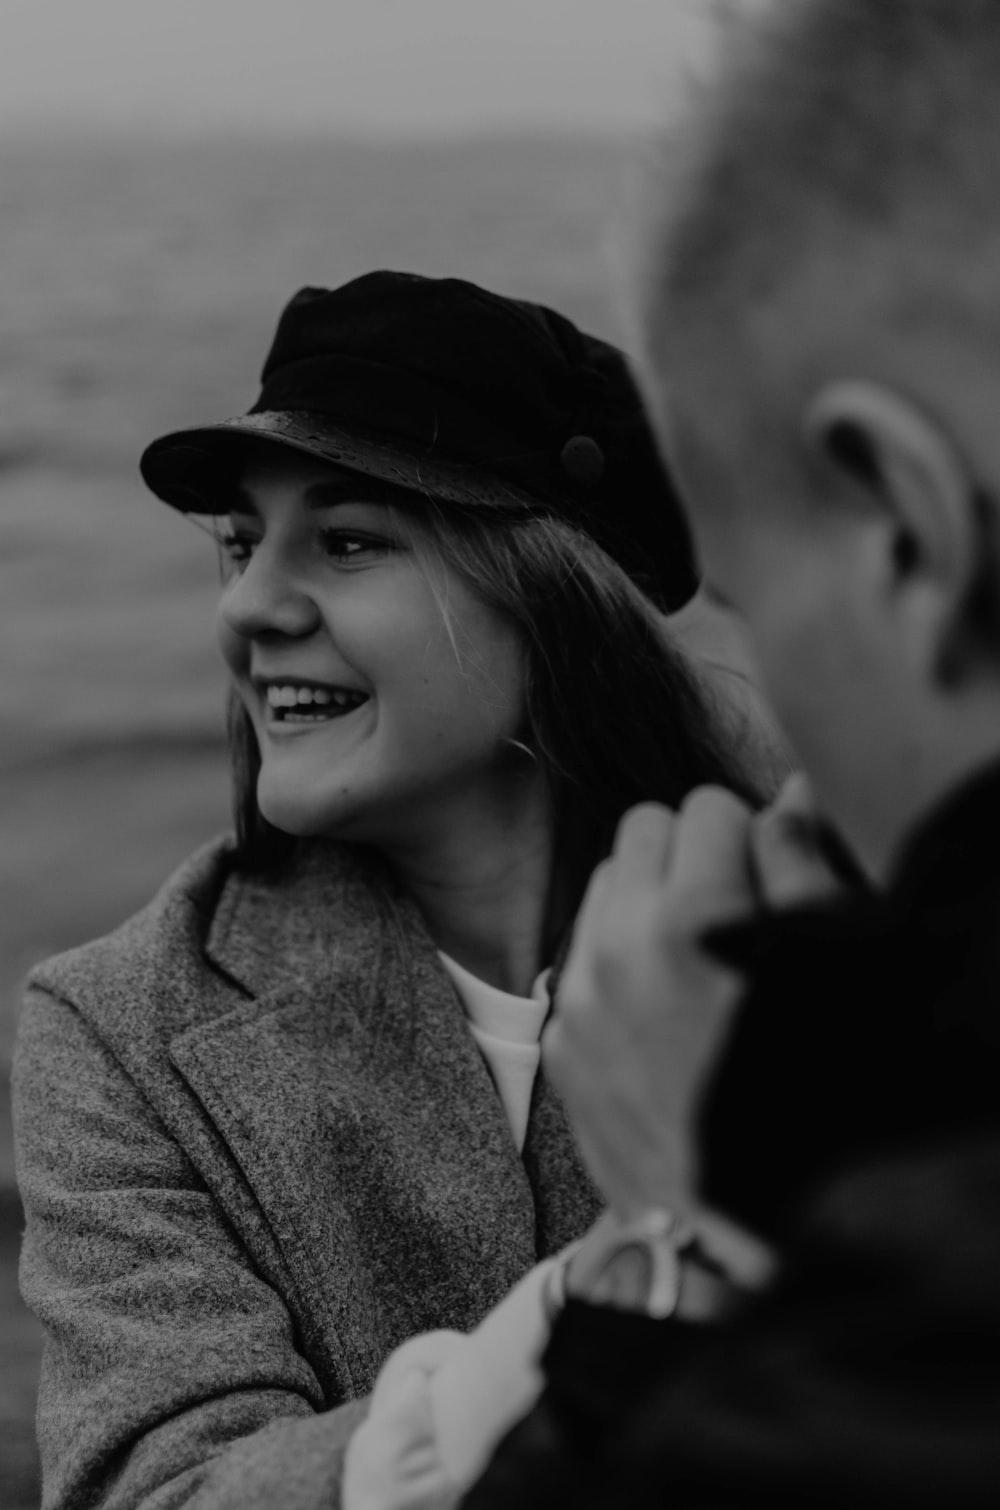 woman wears black flat cap